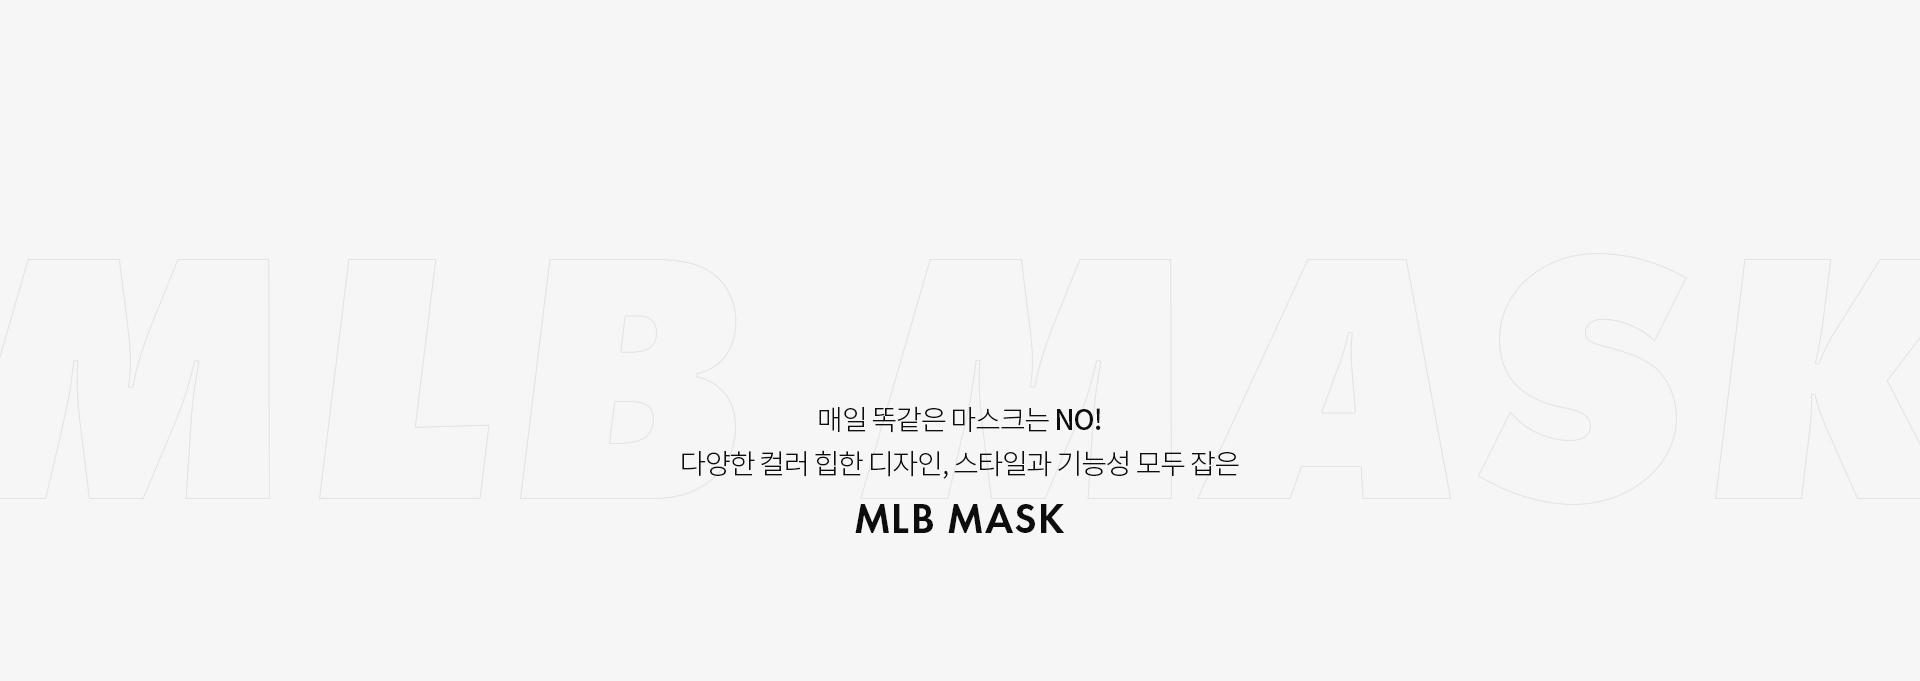 매일 똑같은 마스크는 NO! 다양한 컬러 힙한 디자인, 스타일과 기능성 모두 잡은 MLB MASK